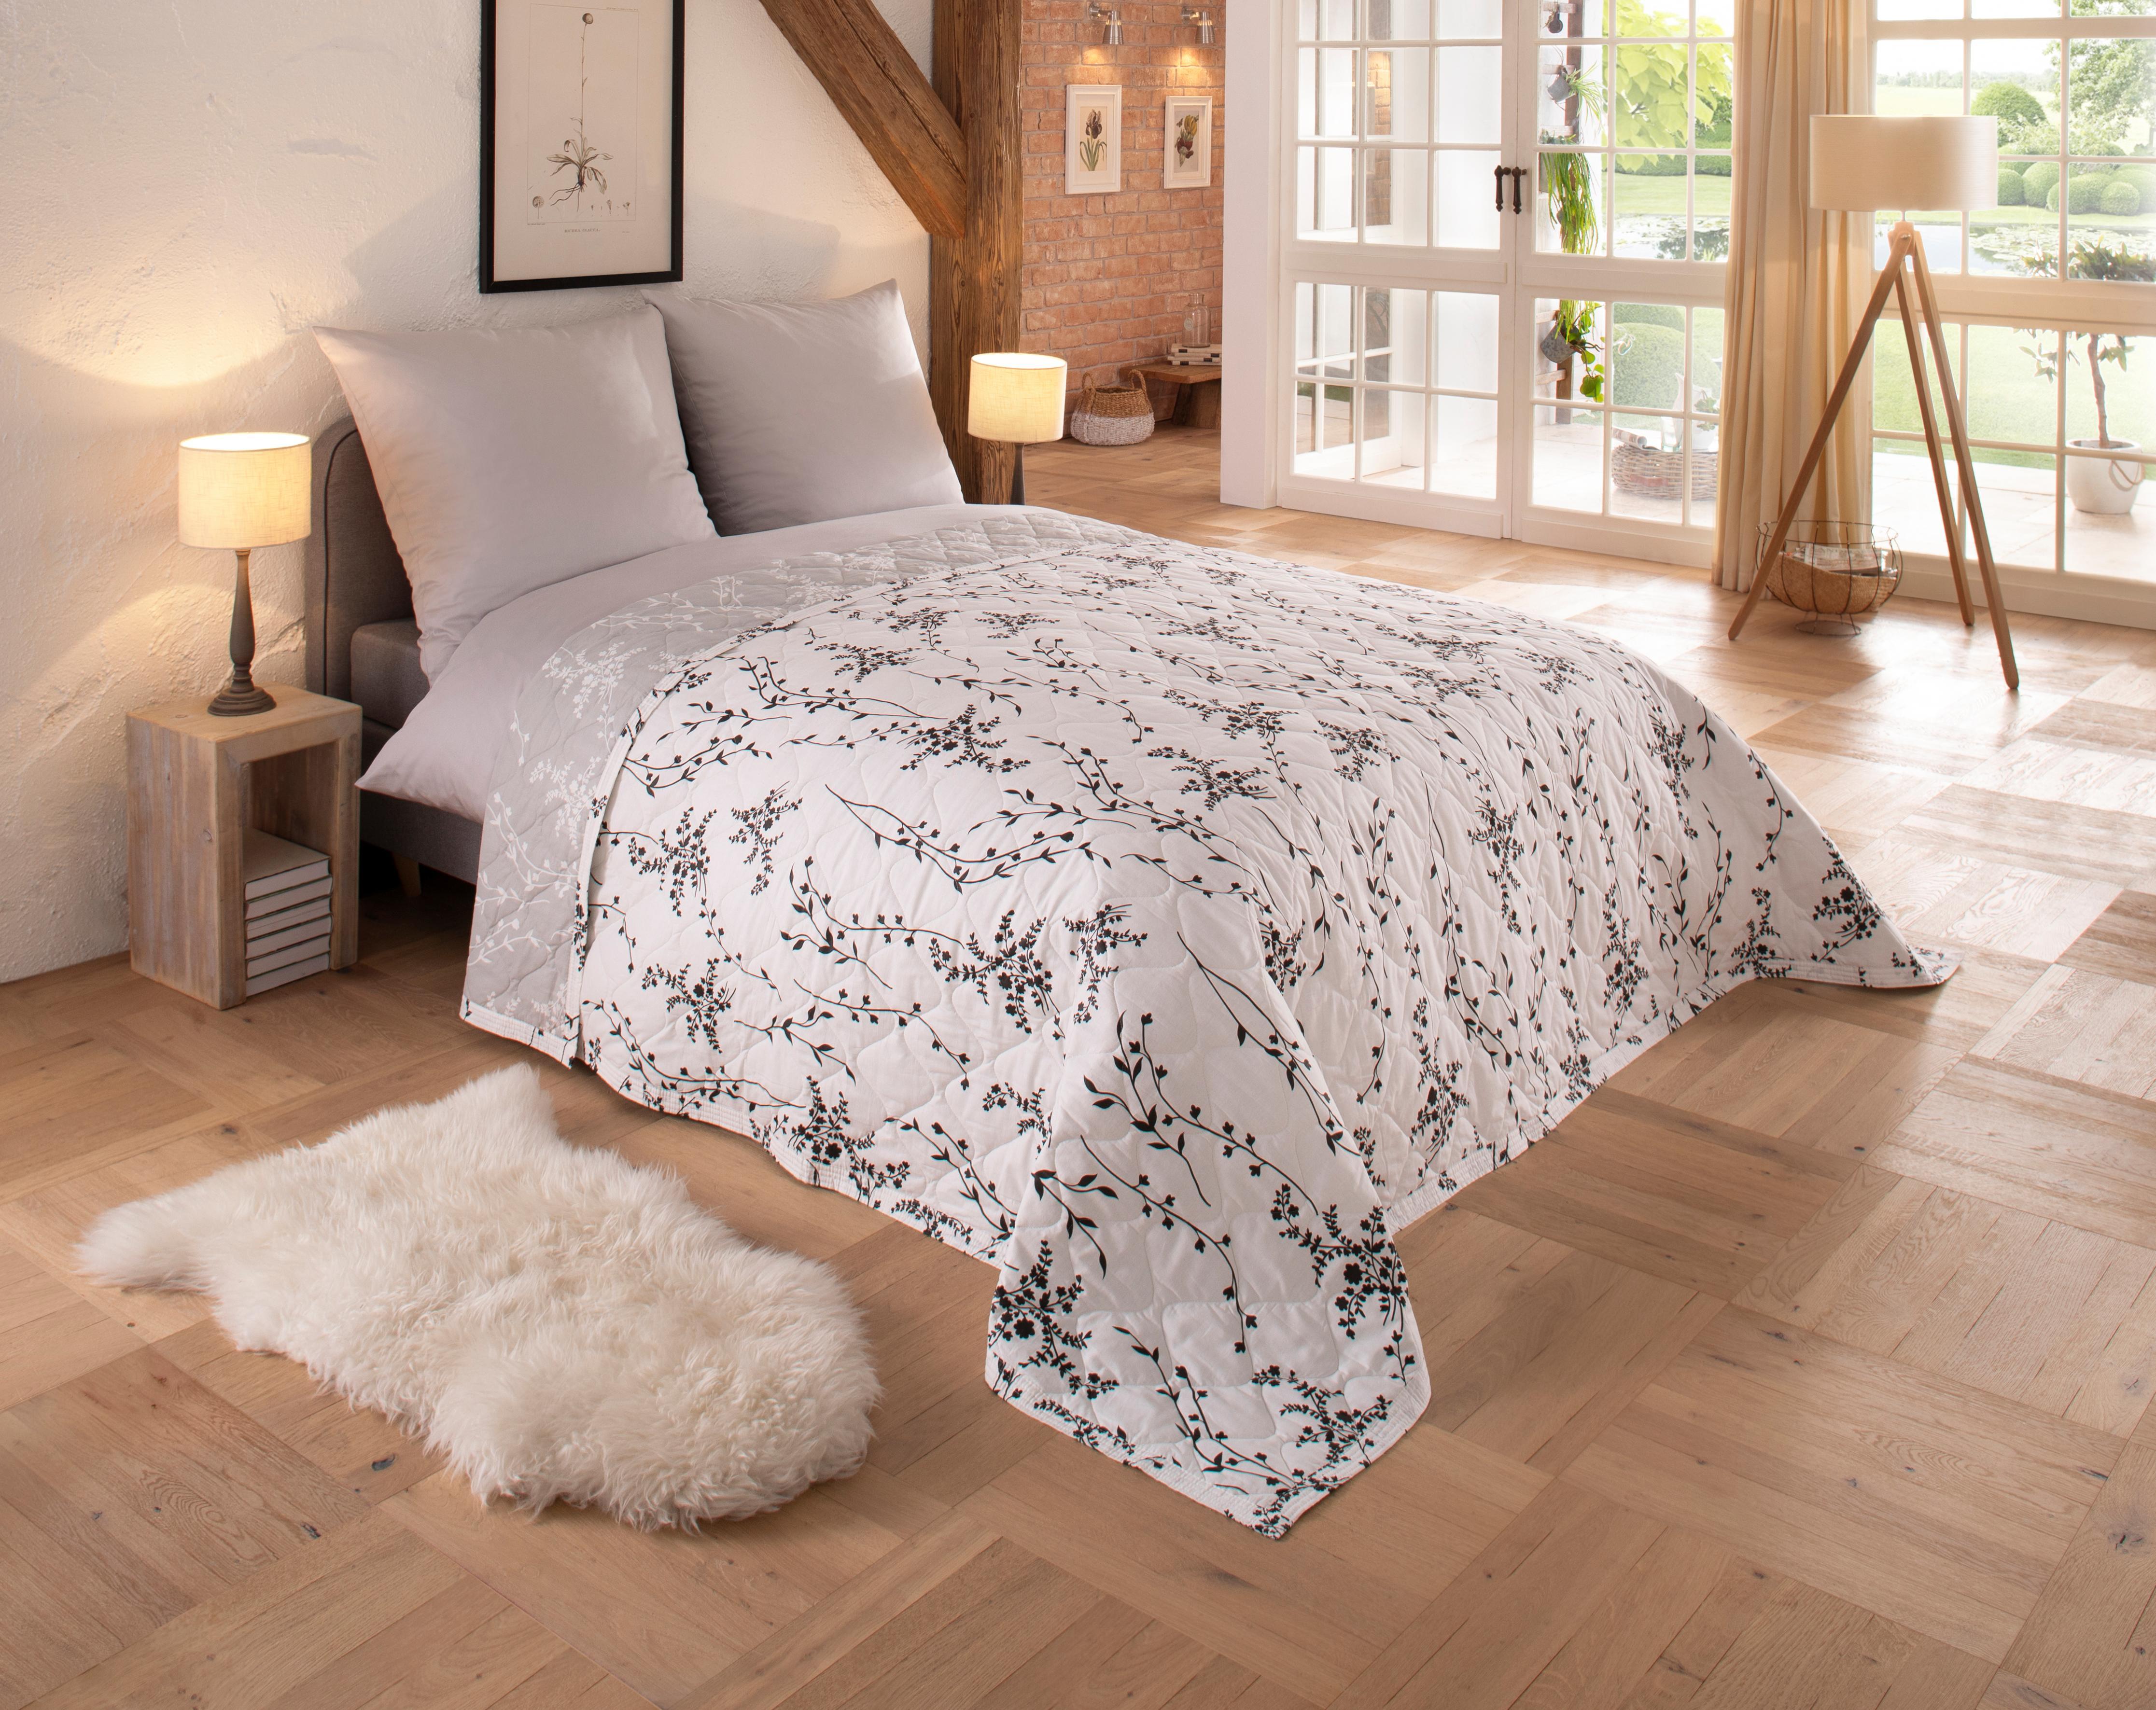 Image of Tagesdecke »Oana«, Home affaire